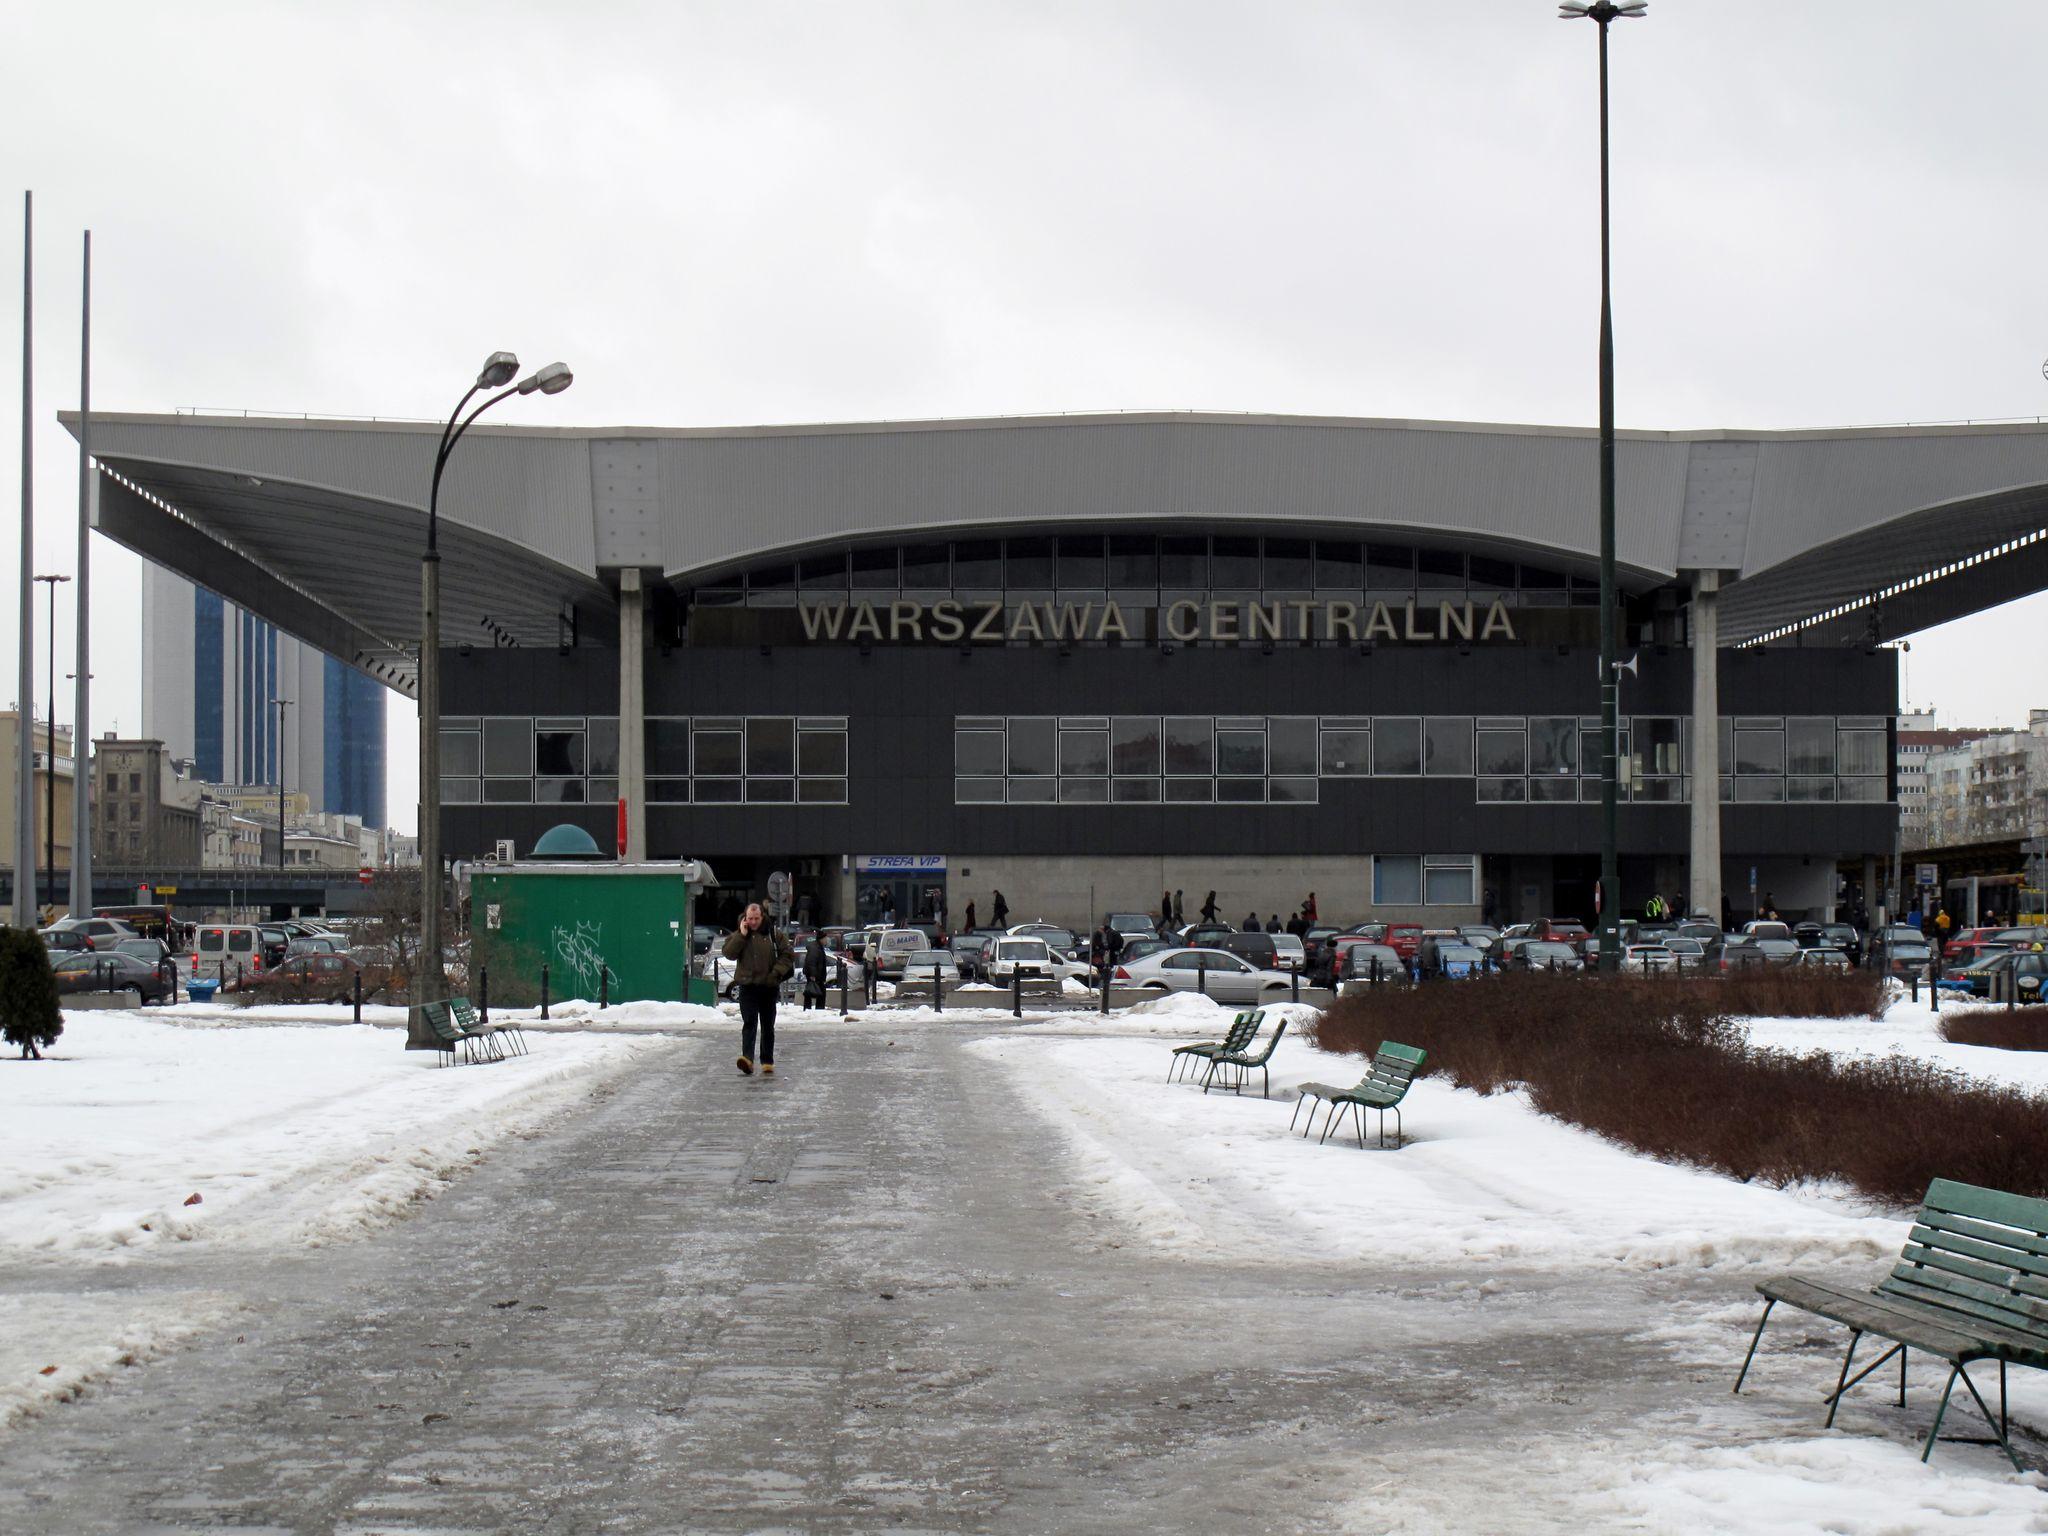 Varsovie Centrale (Pologne)